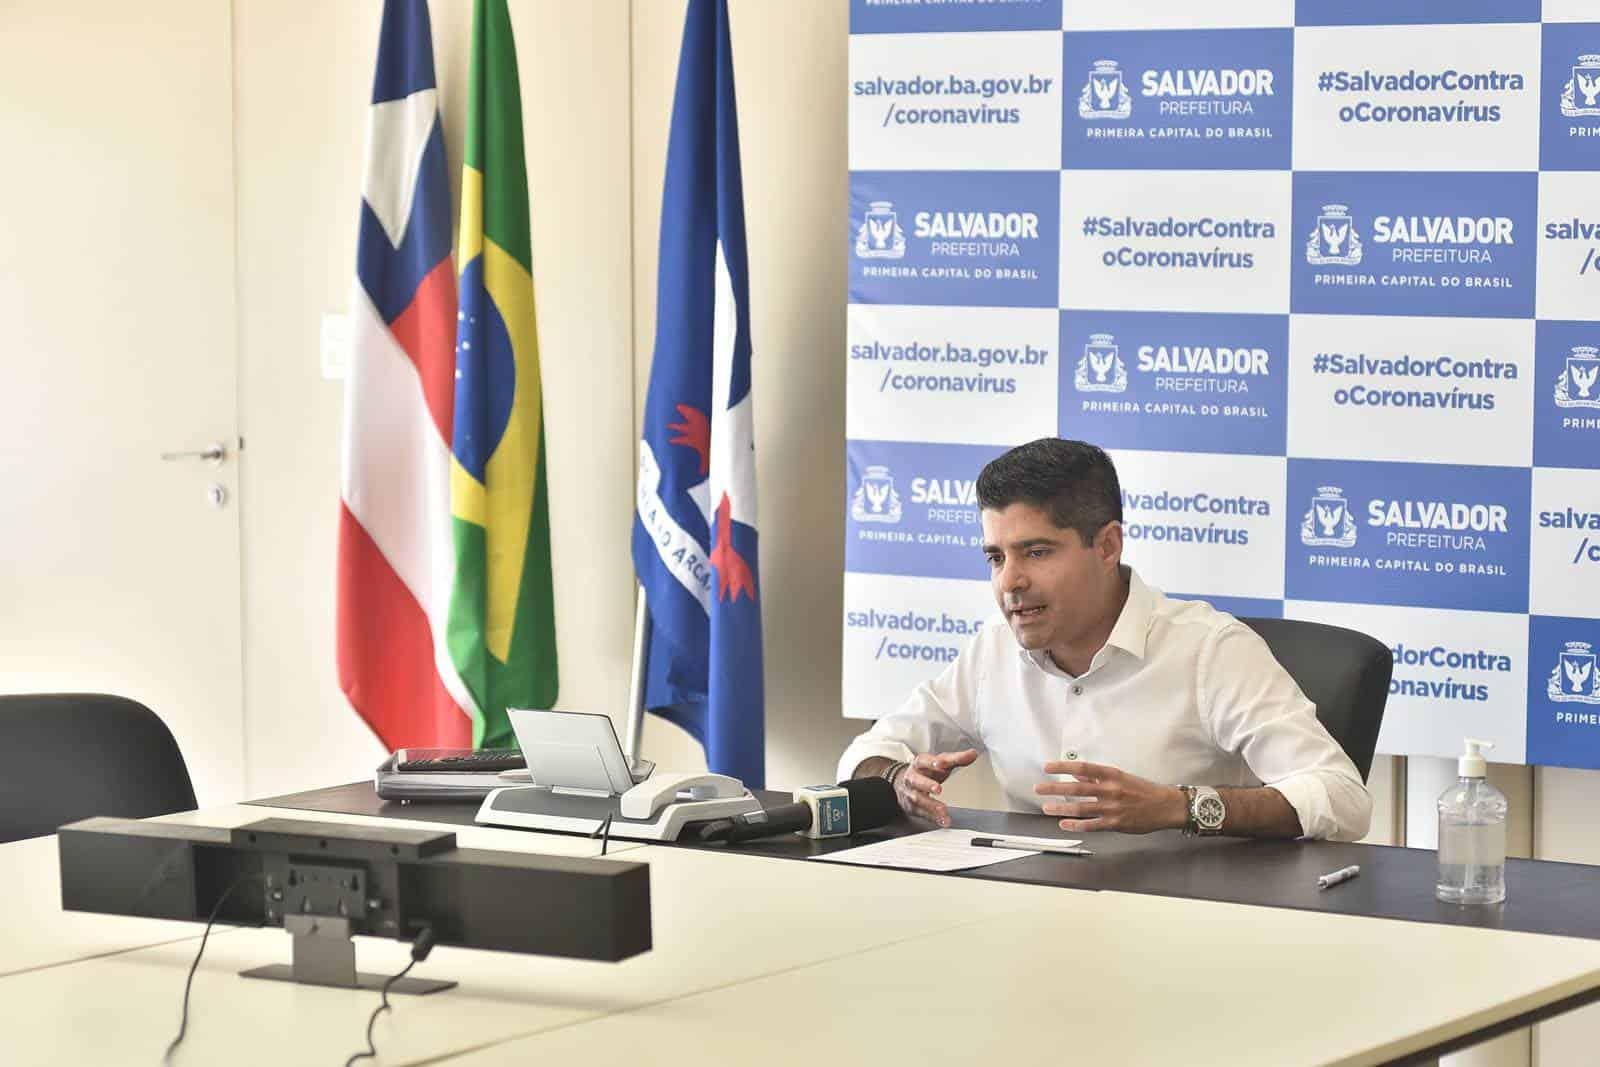 Salvador prorroga medidas restritivas para manter isolamento social